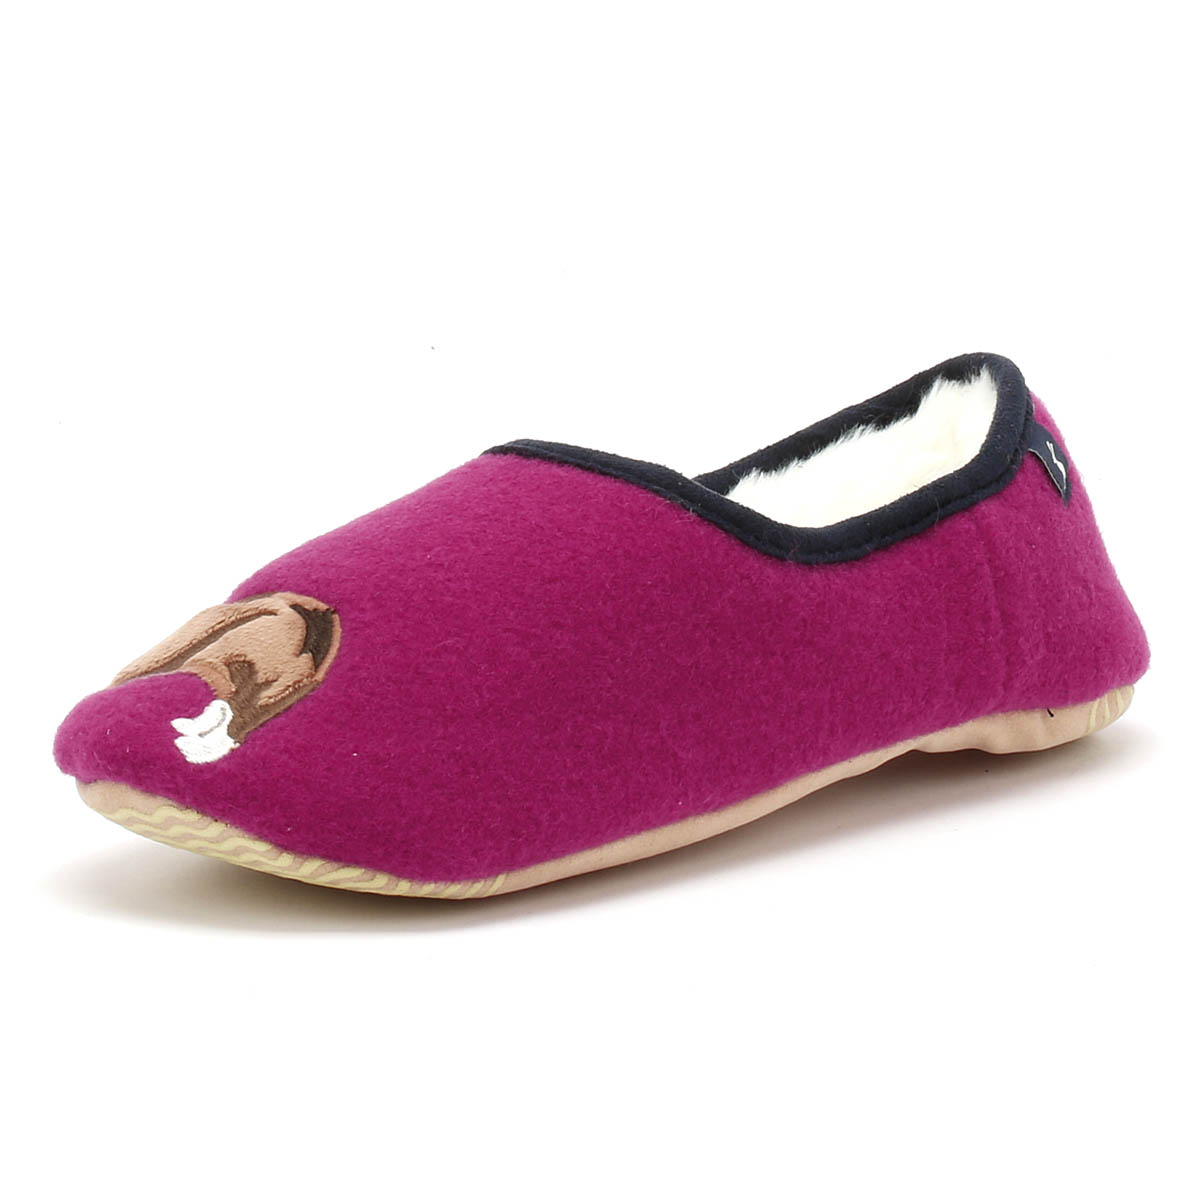 Joules Da Donna Slippets Rosa Cane Pantofole Casa Mocassini Scarpe Ballerina-mostra Il Titolo Originale